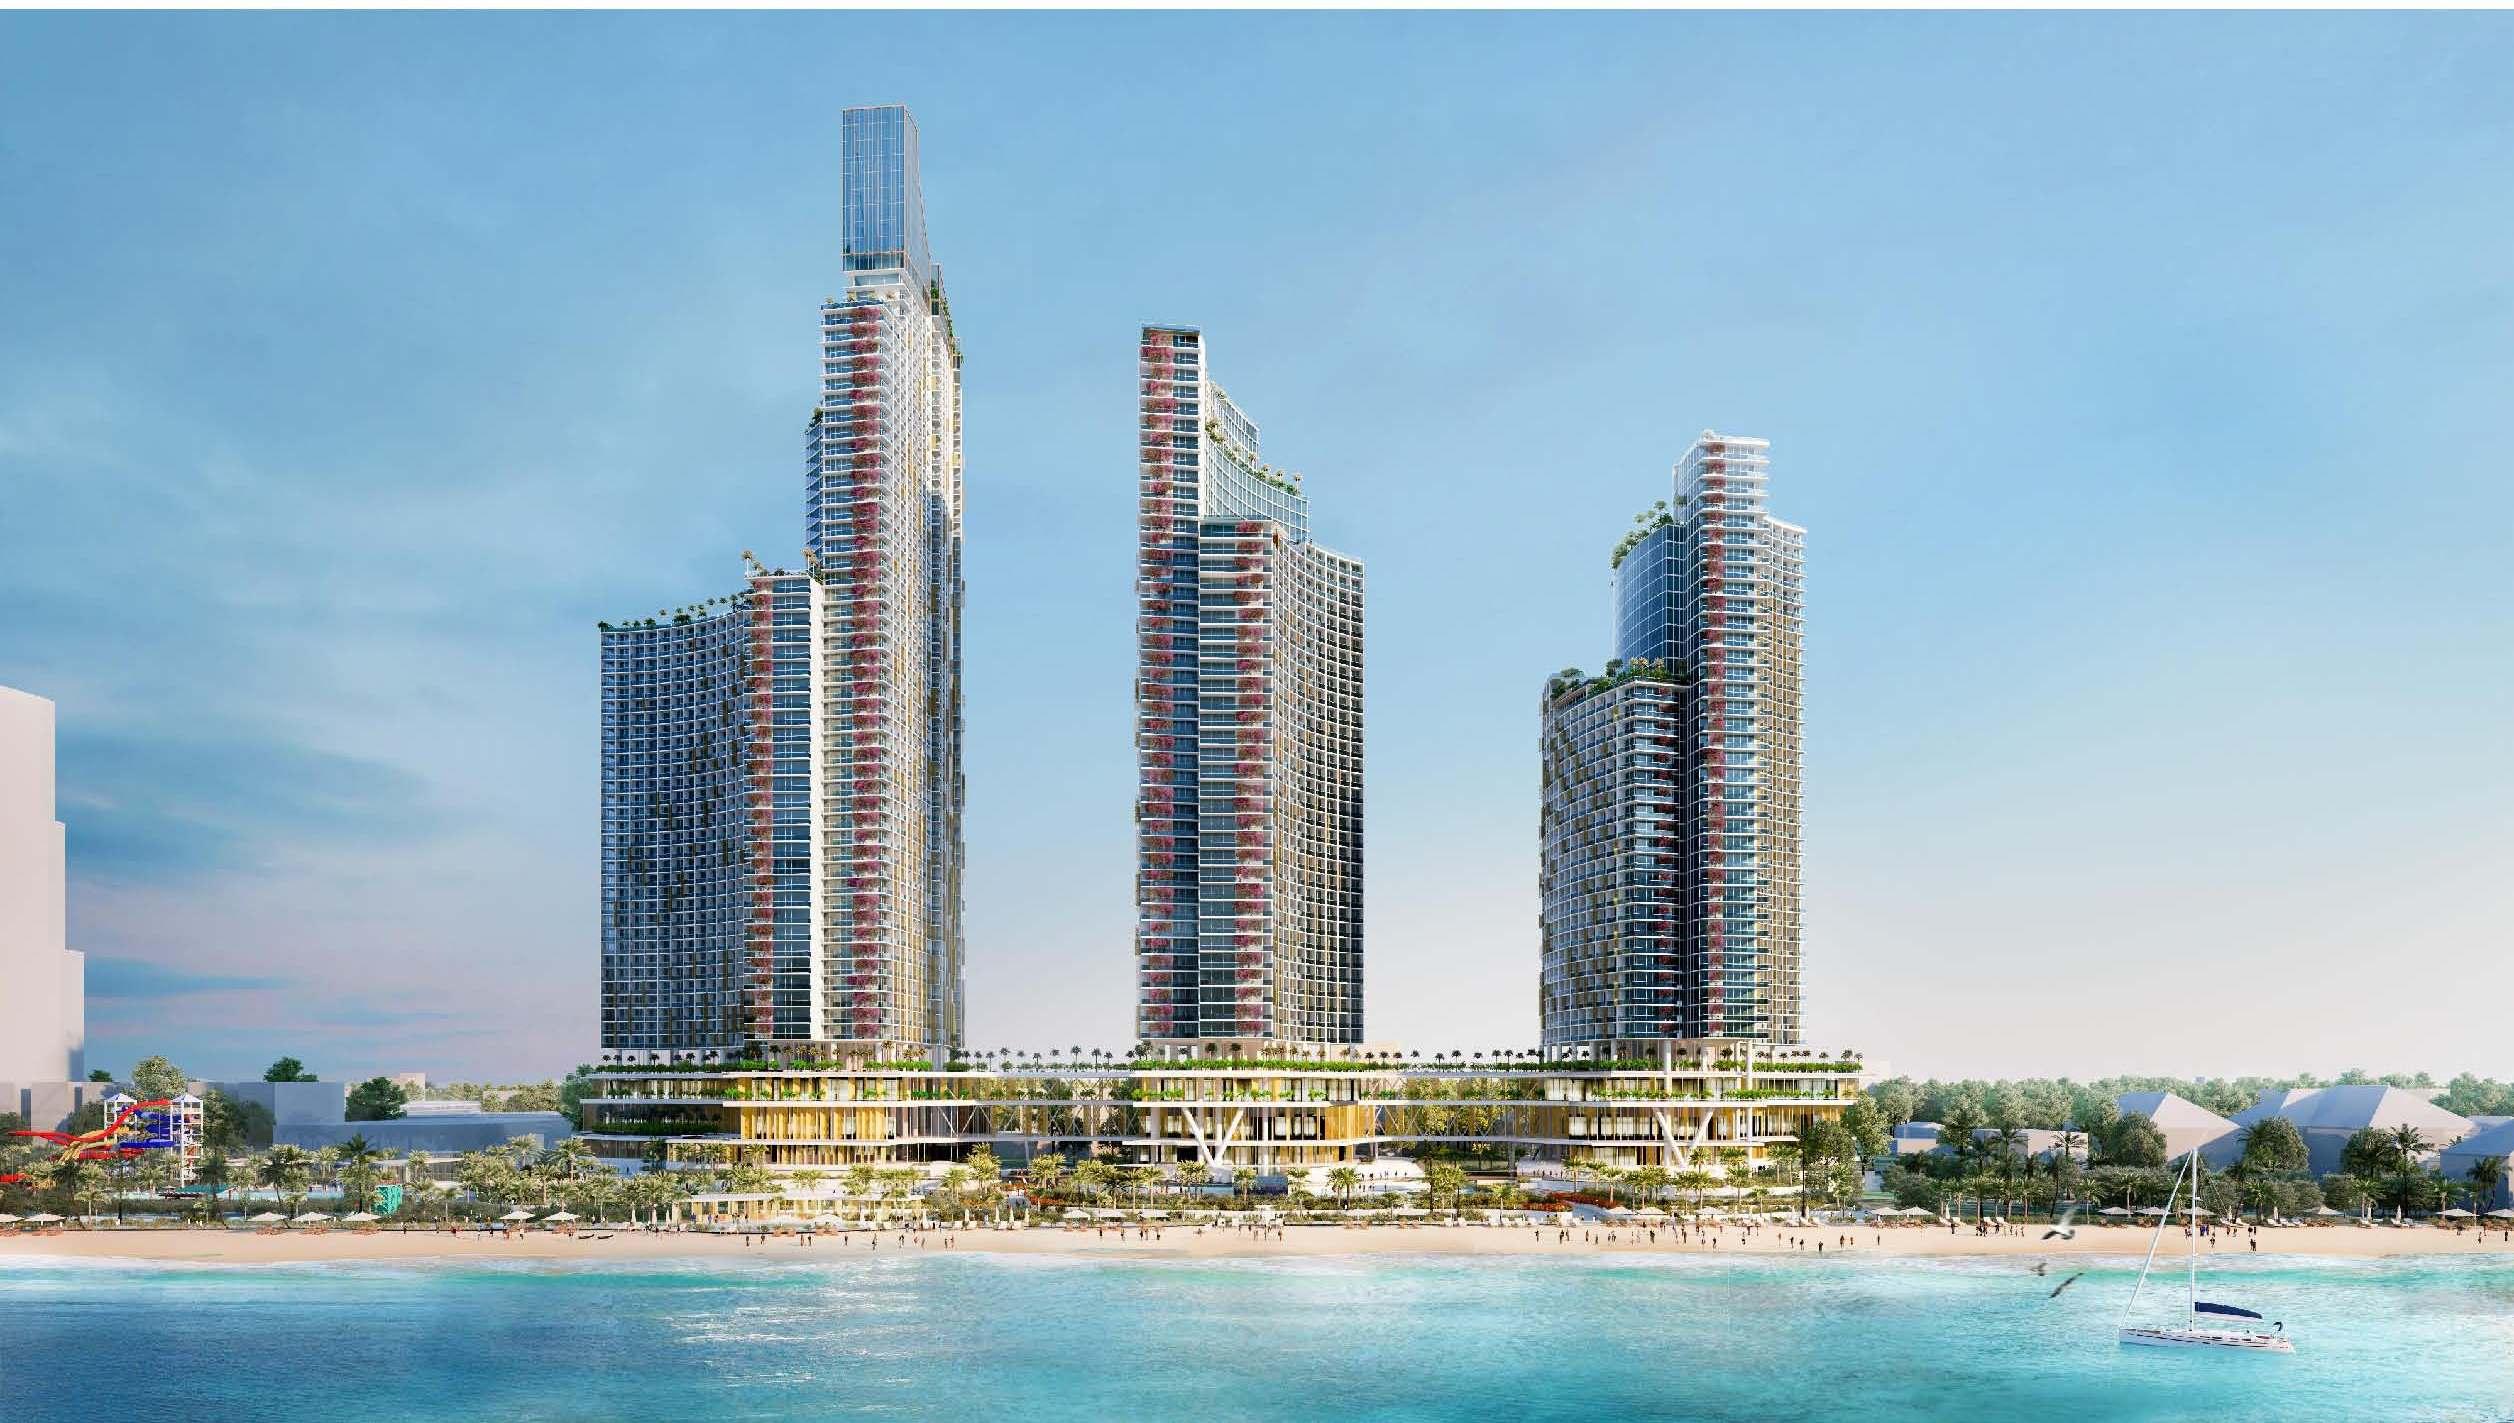 Tổ hợp nghỉ dưỡng hàng đầu châu Á ký thỏa thuận tổng thầu và quản lý, giám sát